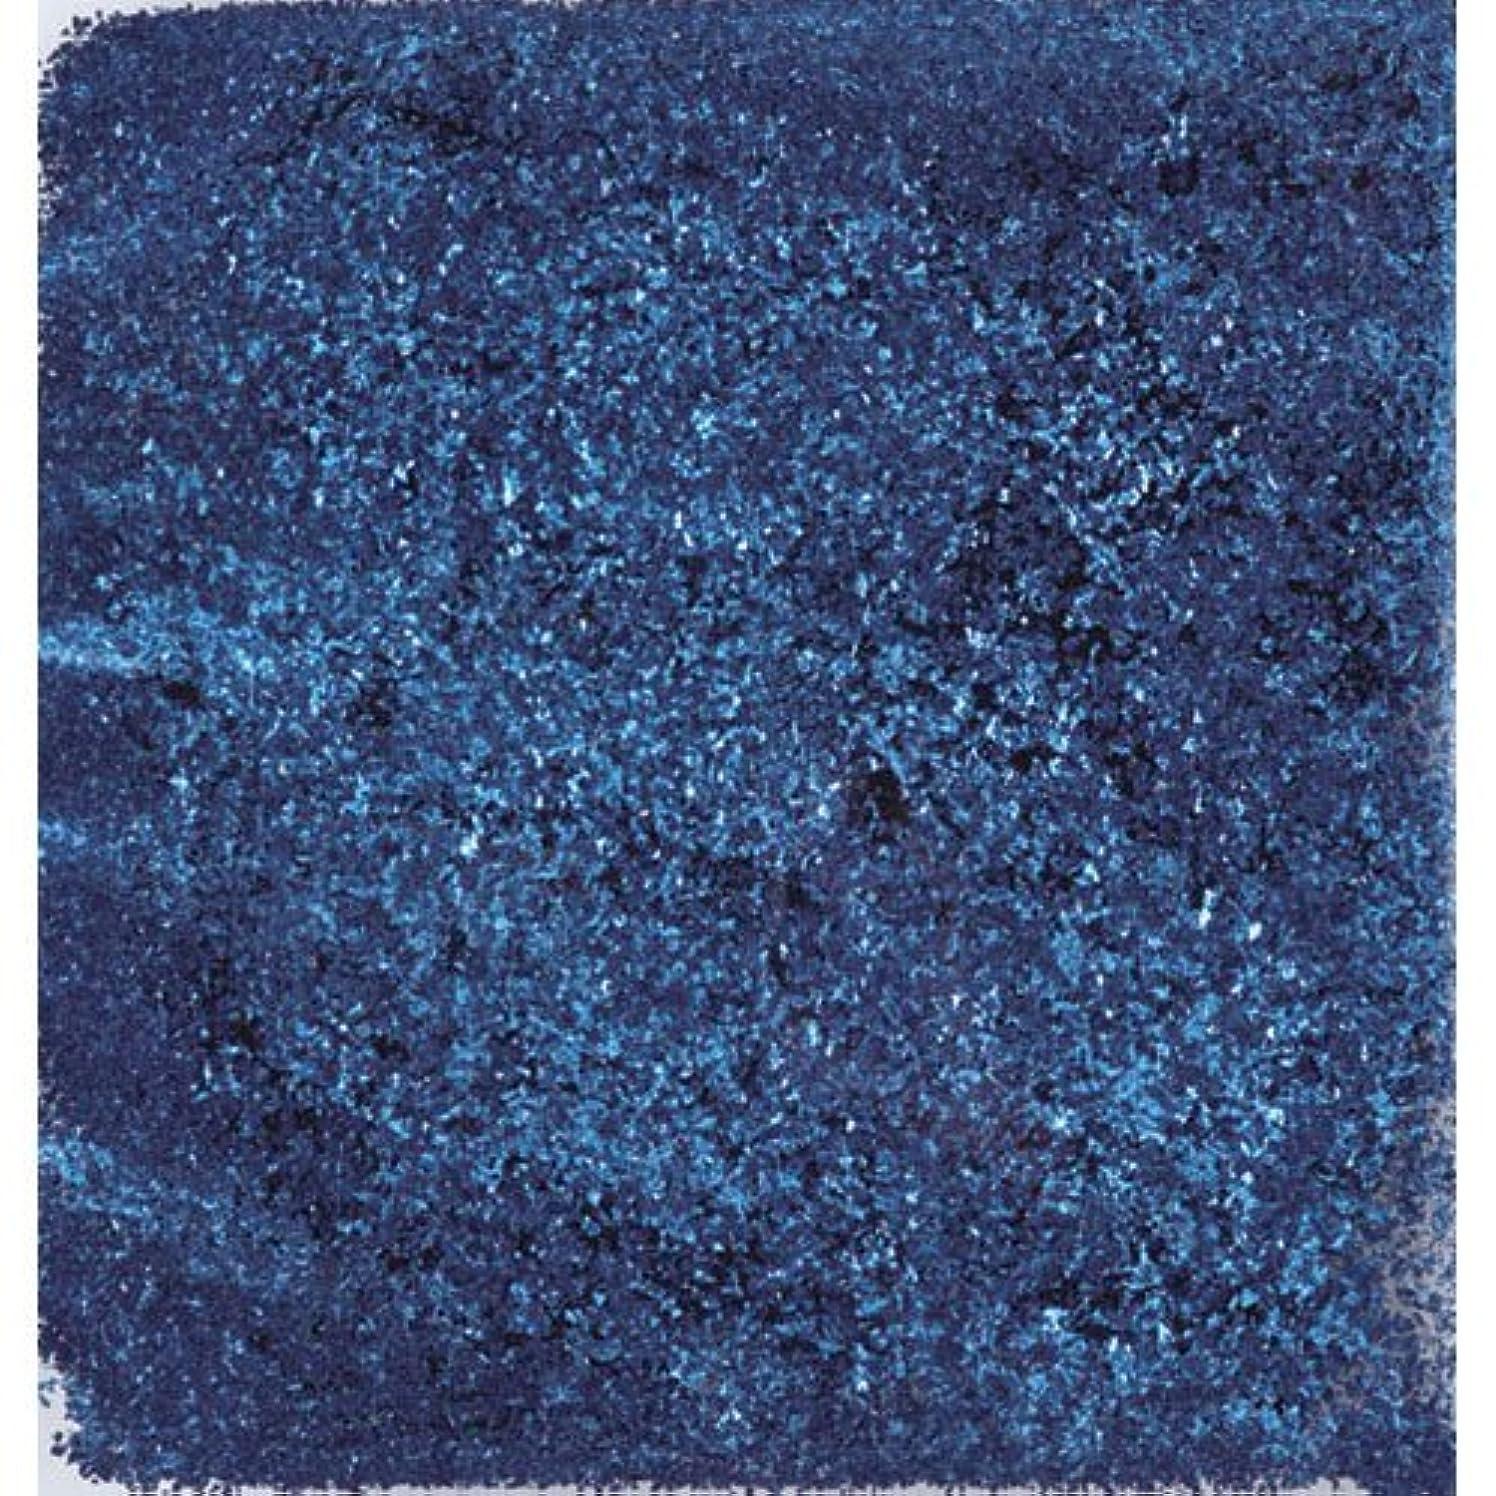 ピカエース ネイル用パウダー ピカエース シャインフレーク #713 藍色 0.3g アート材